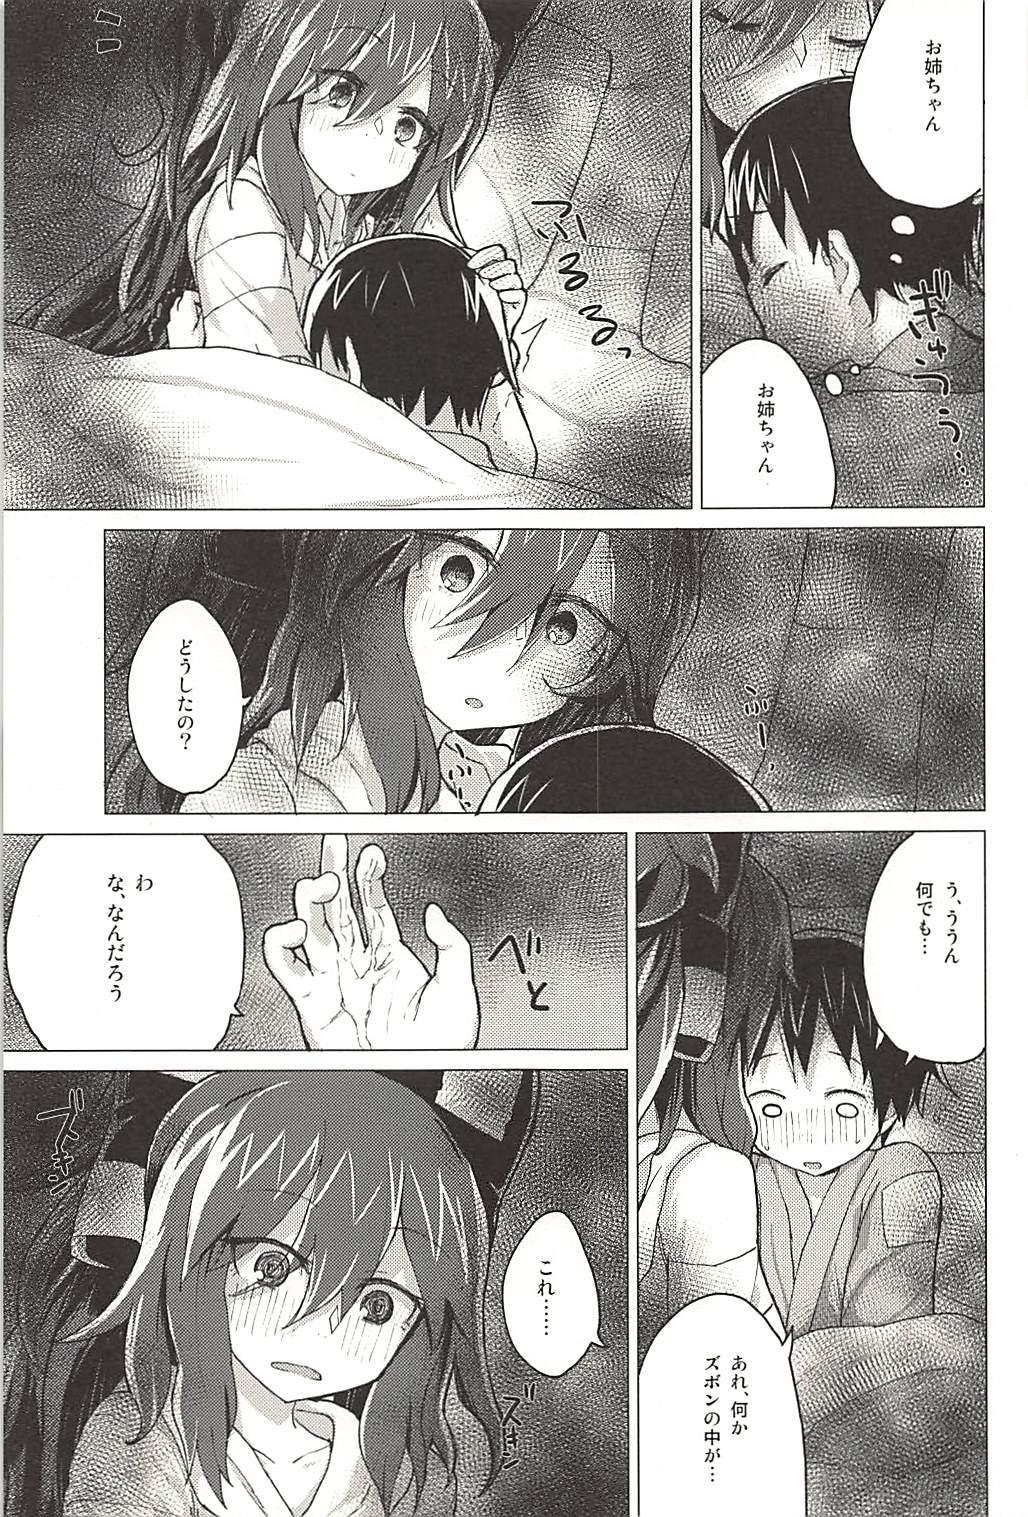 Shion Onee-chan to Kazoku ni Naru Hon 19